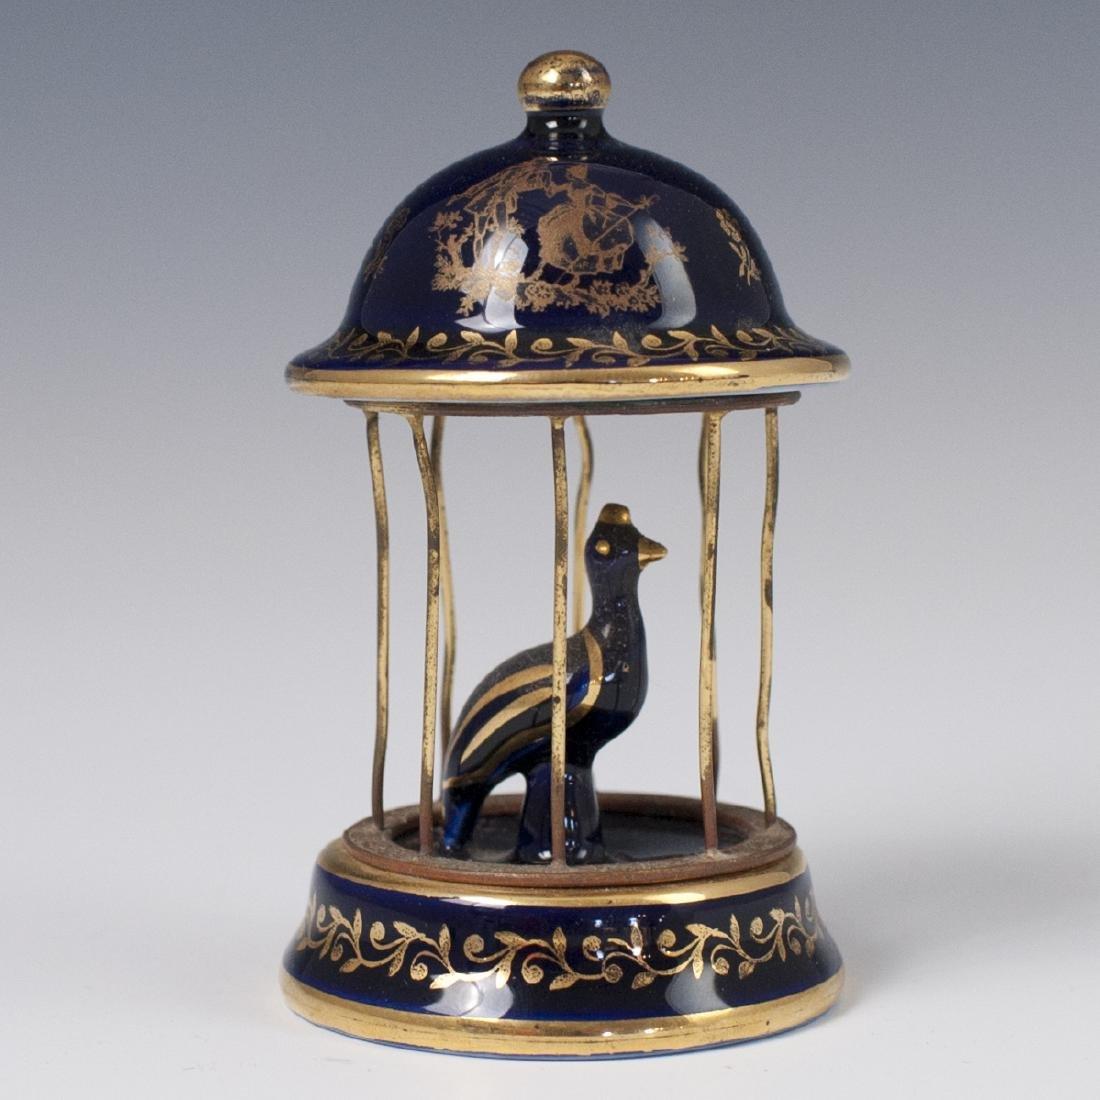 Limoges Porcelain Bird Cage